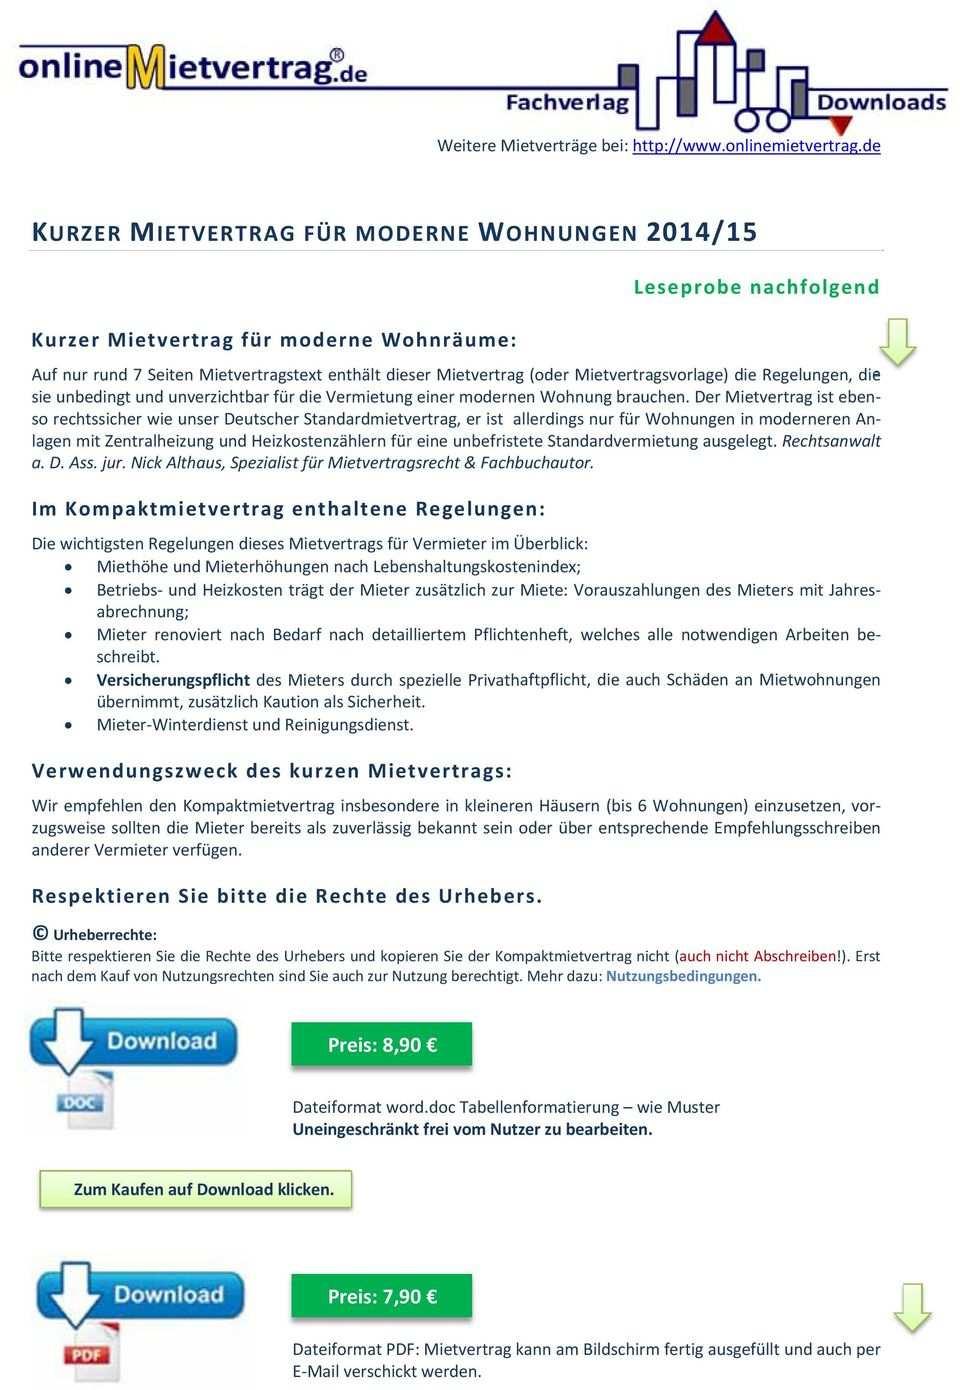 Kurzer Mietvertrag Fur Moderne Wohnungen 2014 15 Pdf Free Download